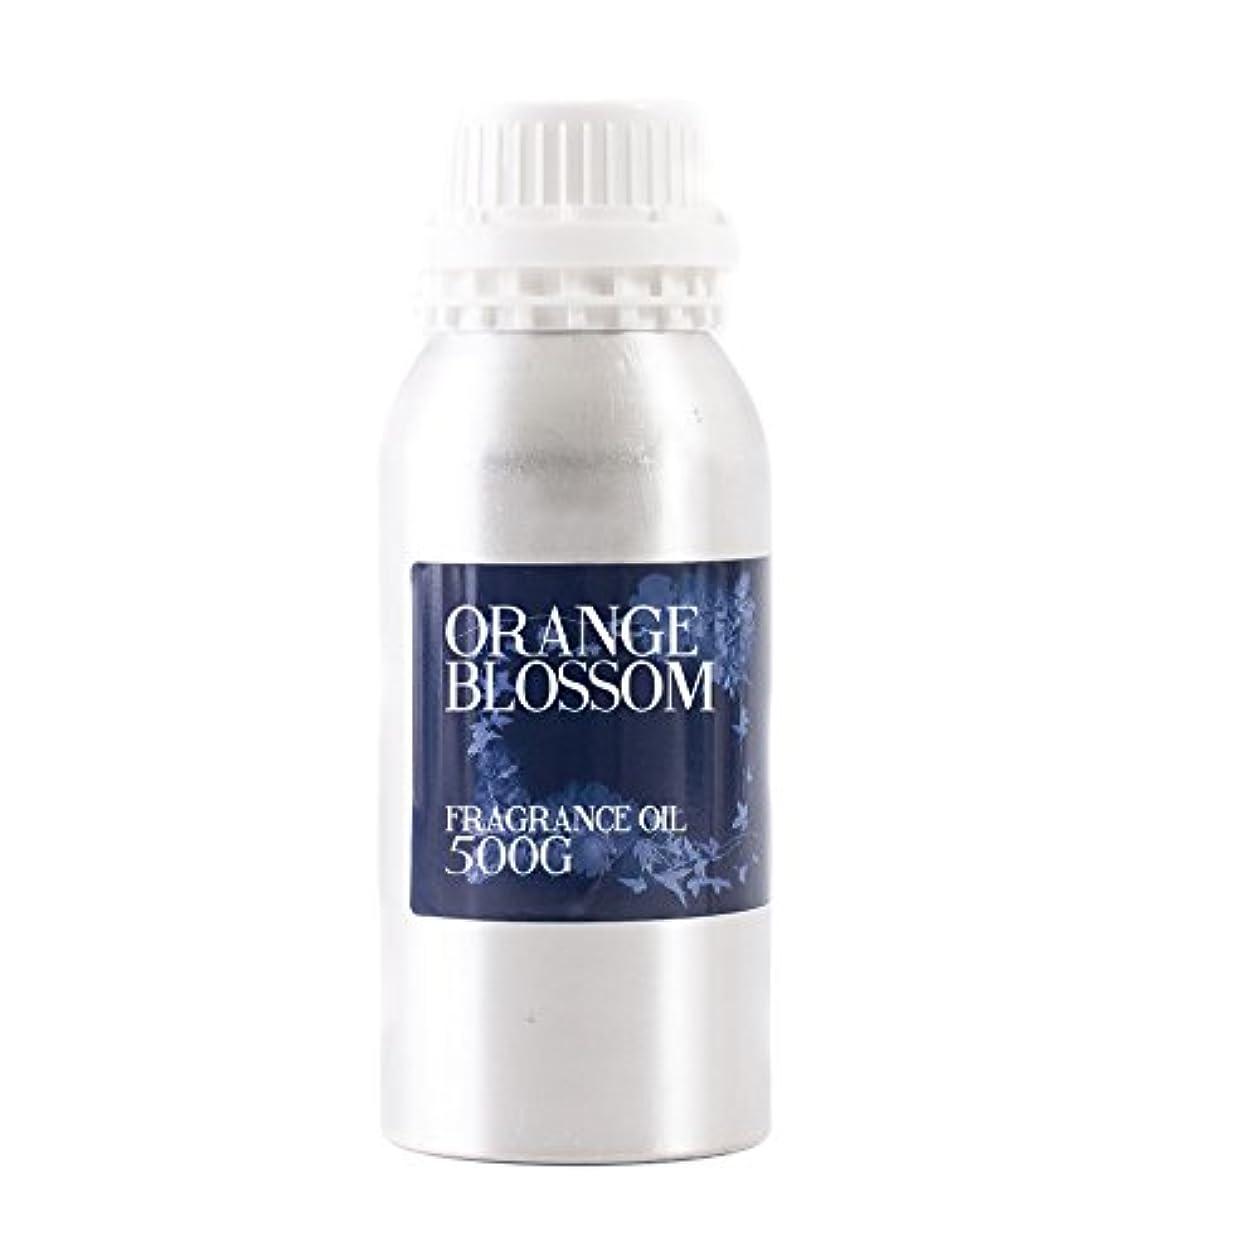 神秘的な競争力のある大量Mystic Moments | Orange Blossom Fragrance Oil - 500g